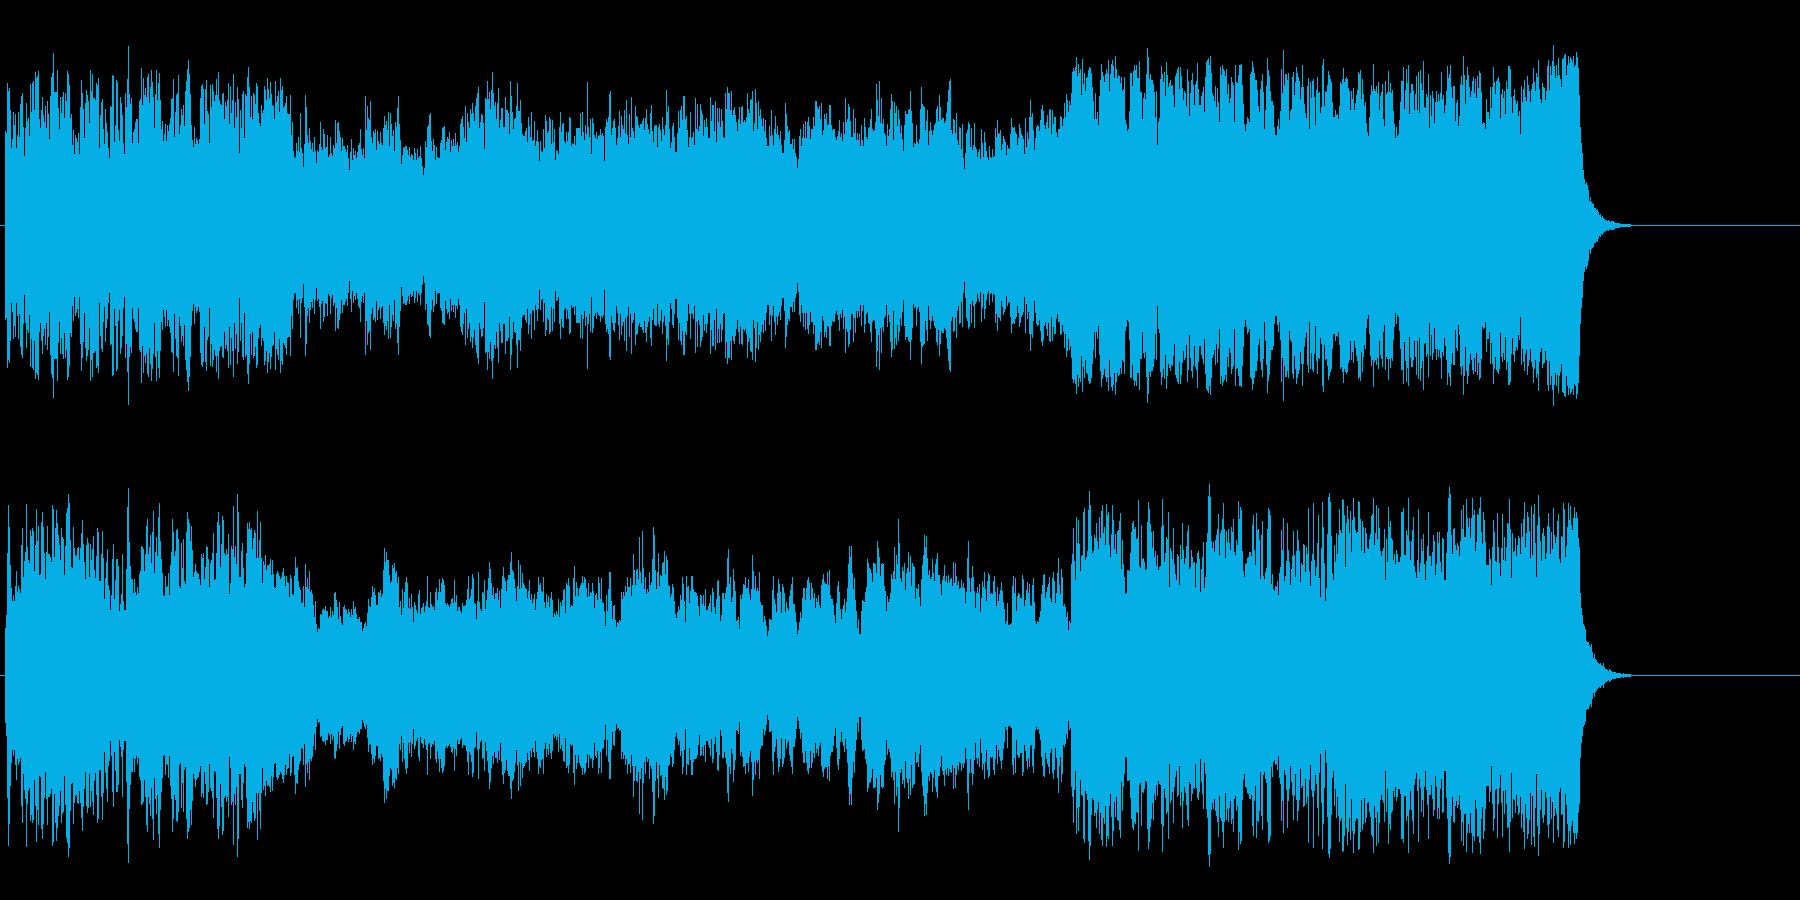 ファンファーレが幕開けを告げるクラシックの再生済みの波形